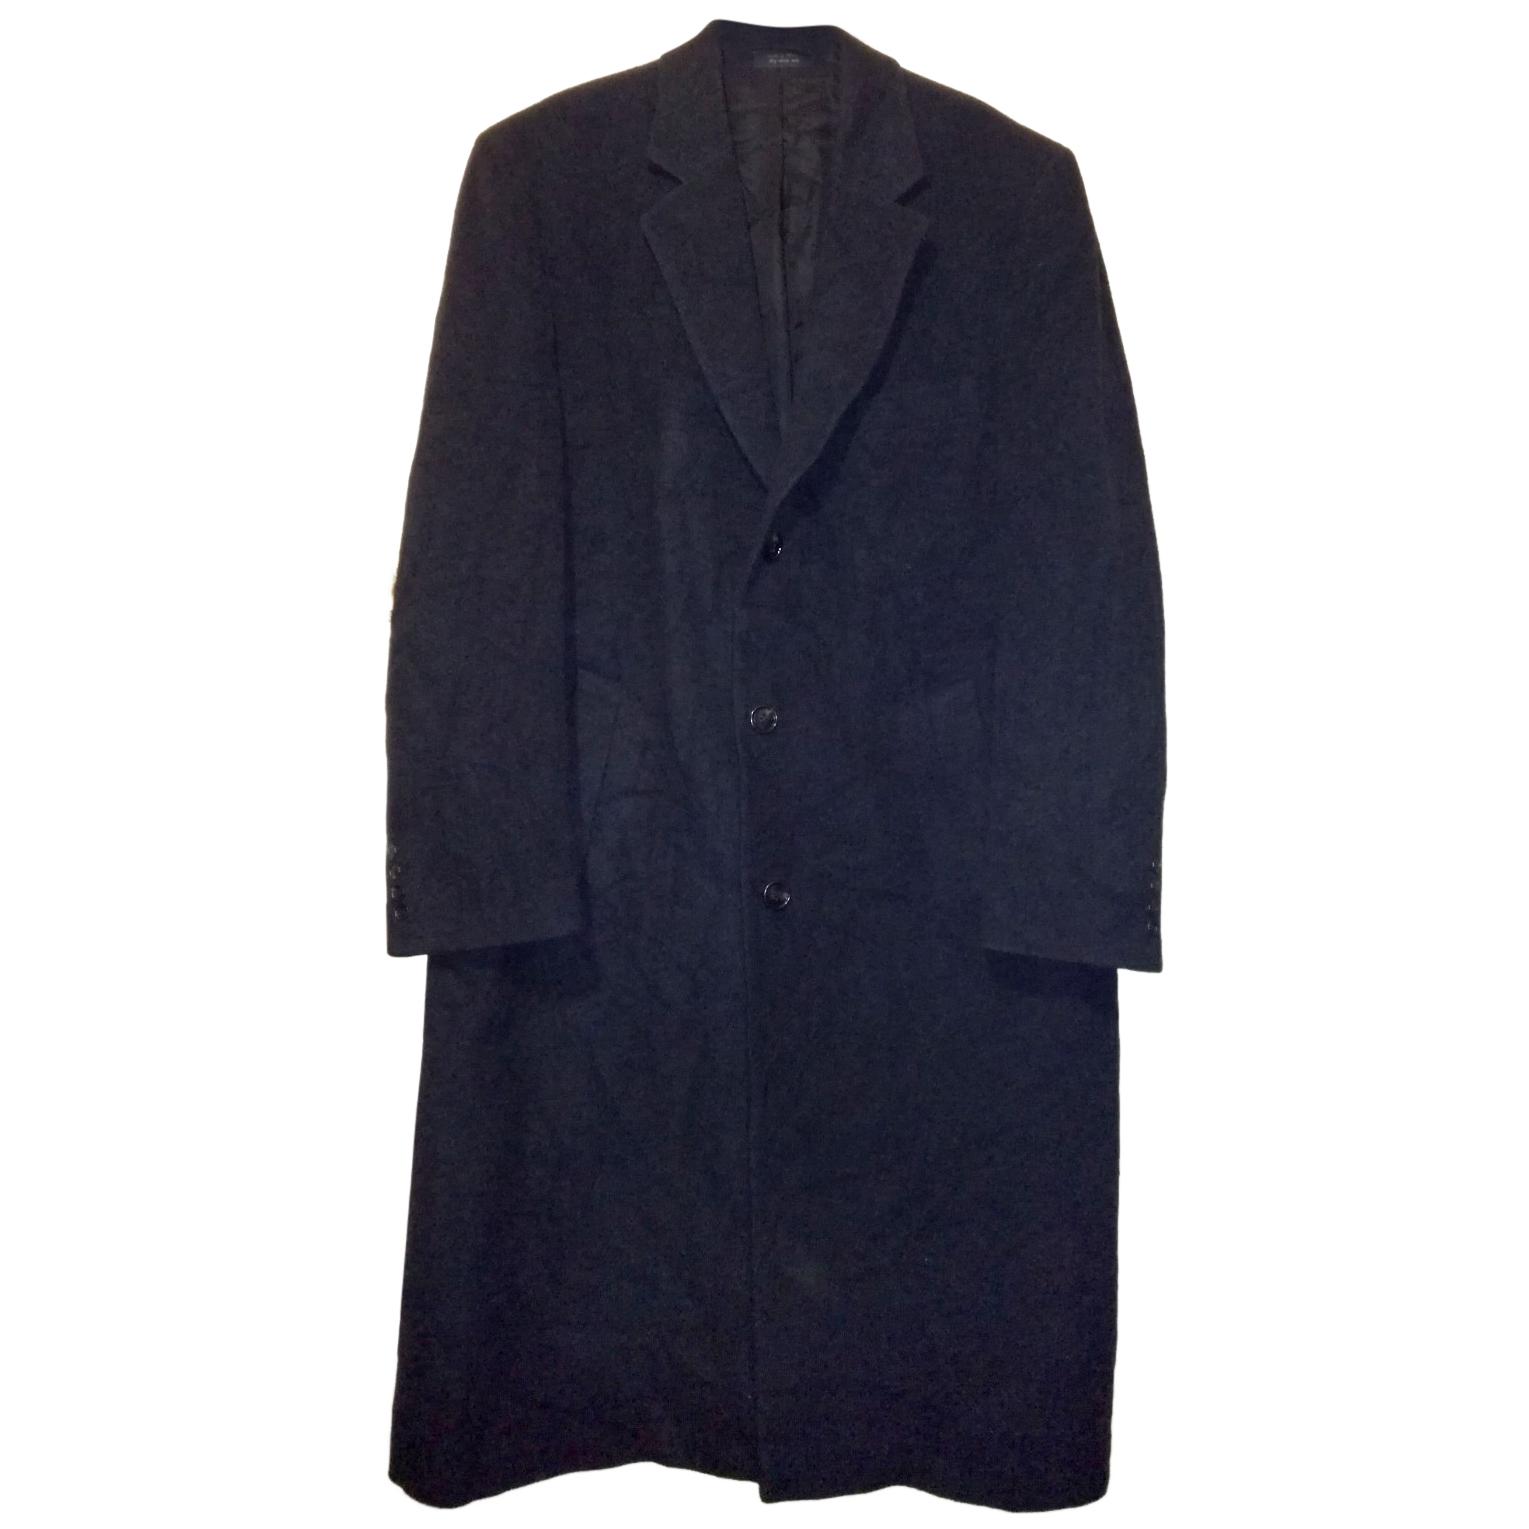 Ralph Lauren Chaps Big & Tall Men's Wool Trench Coat